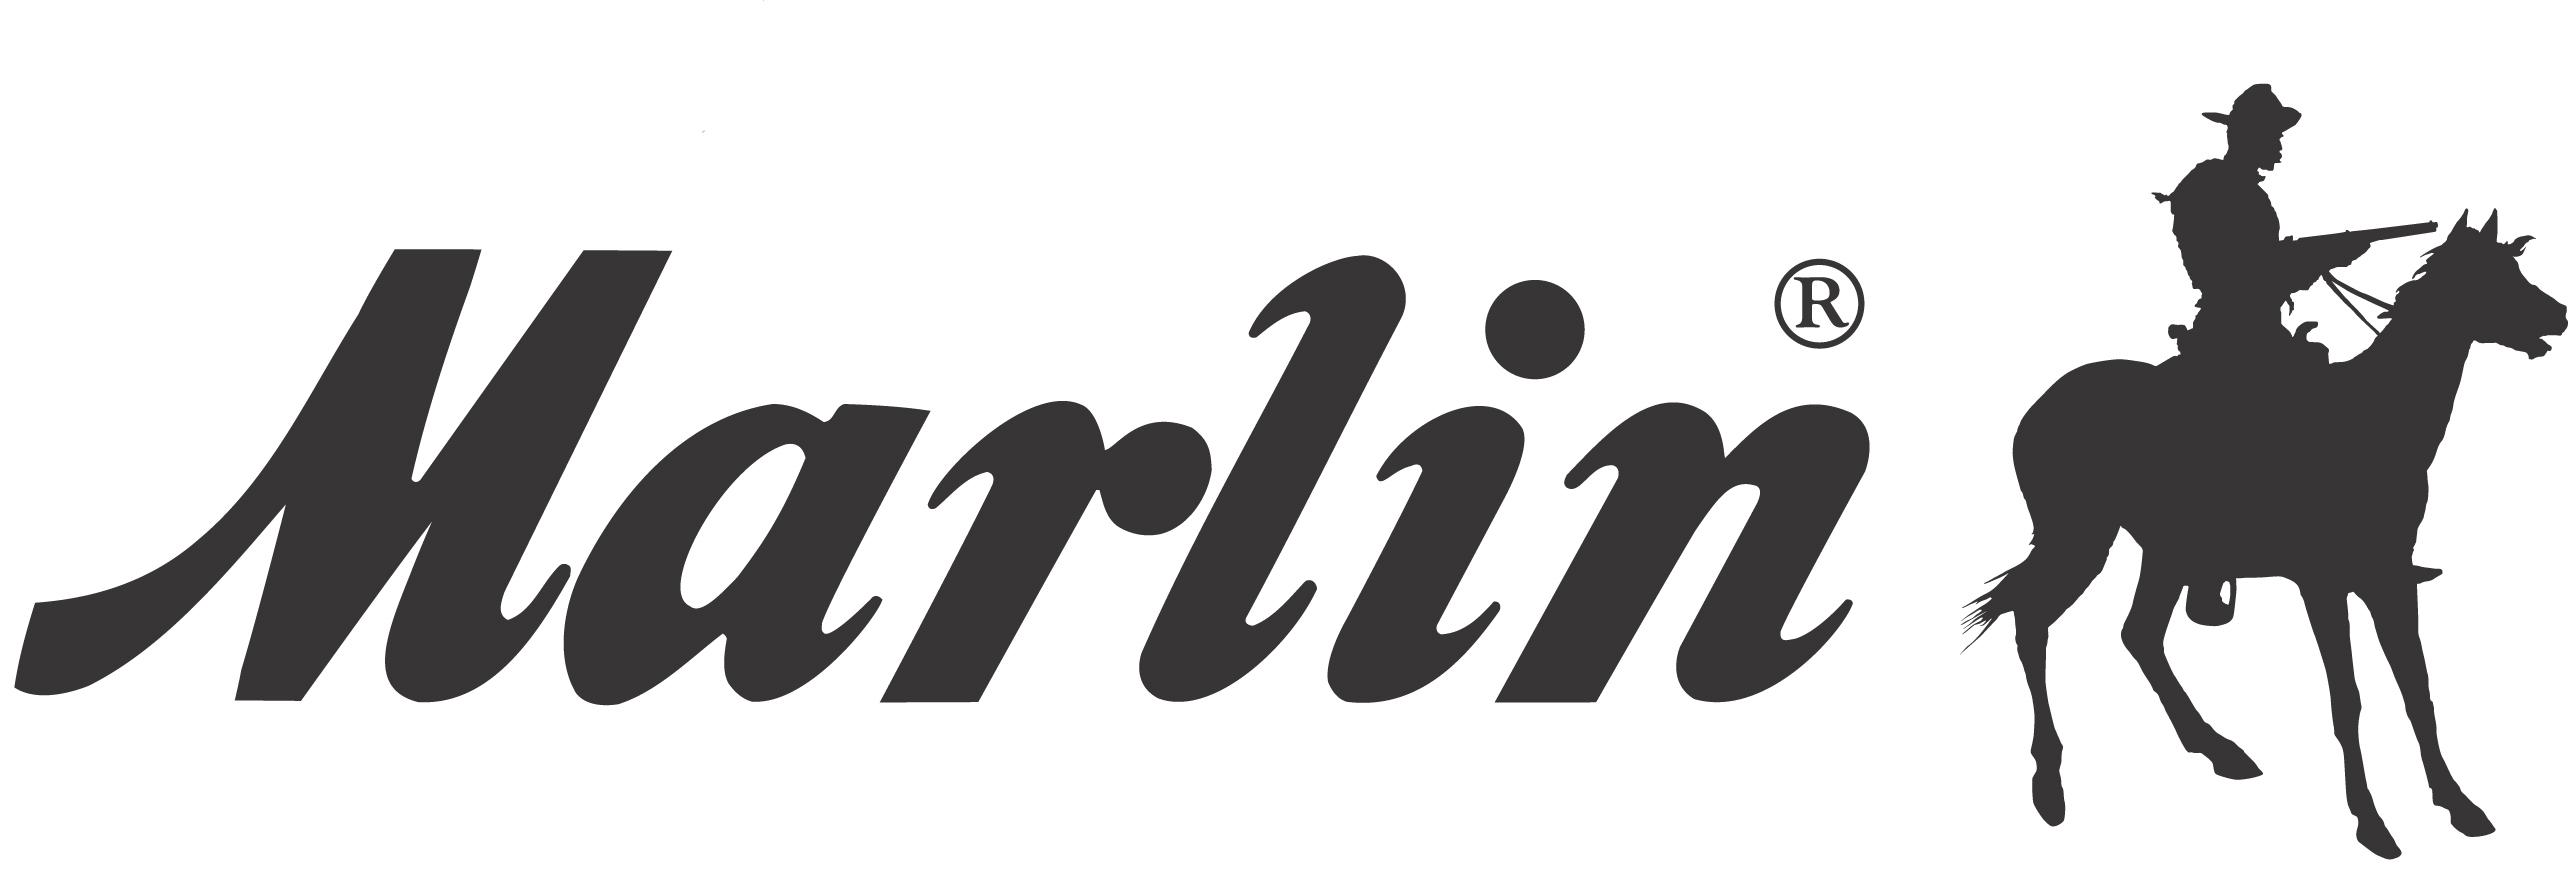 Remington Logo Wallpaper Remington firearms logo 2568x890